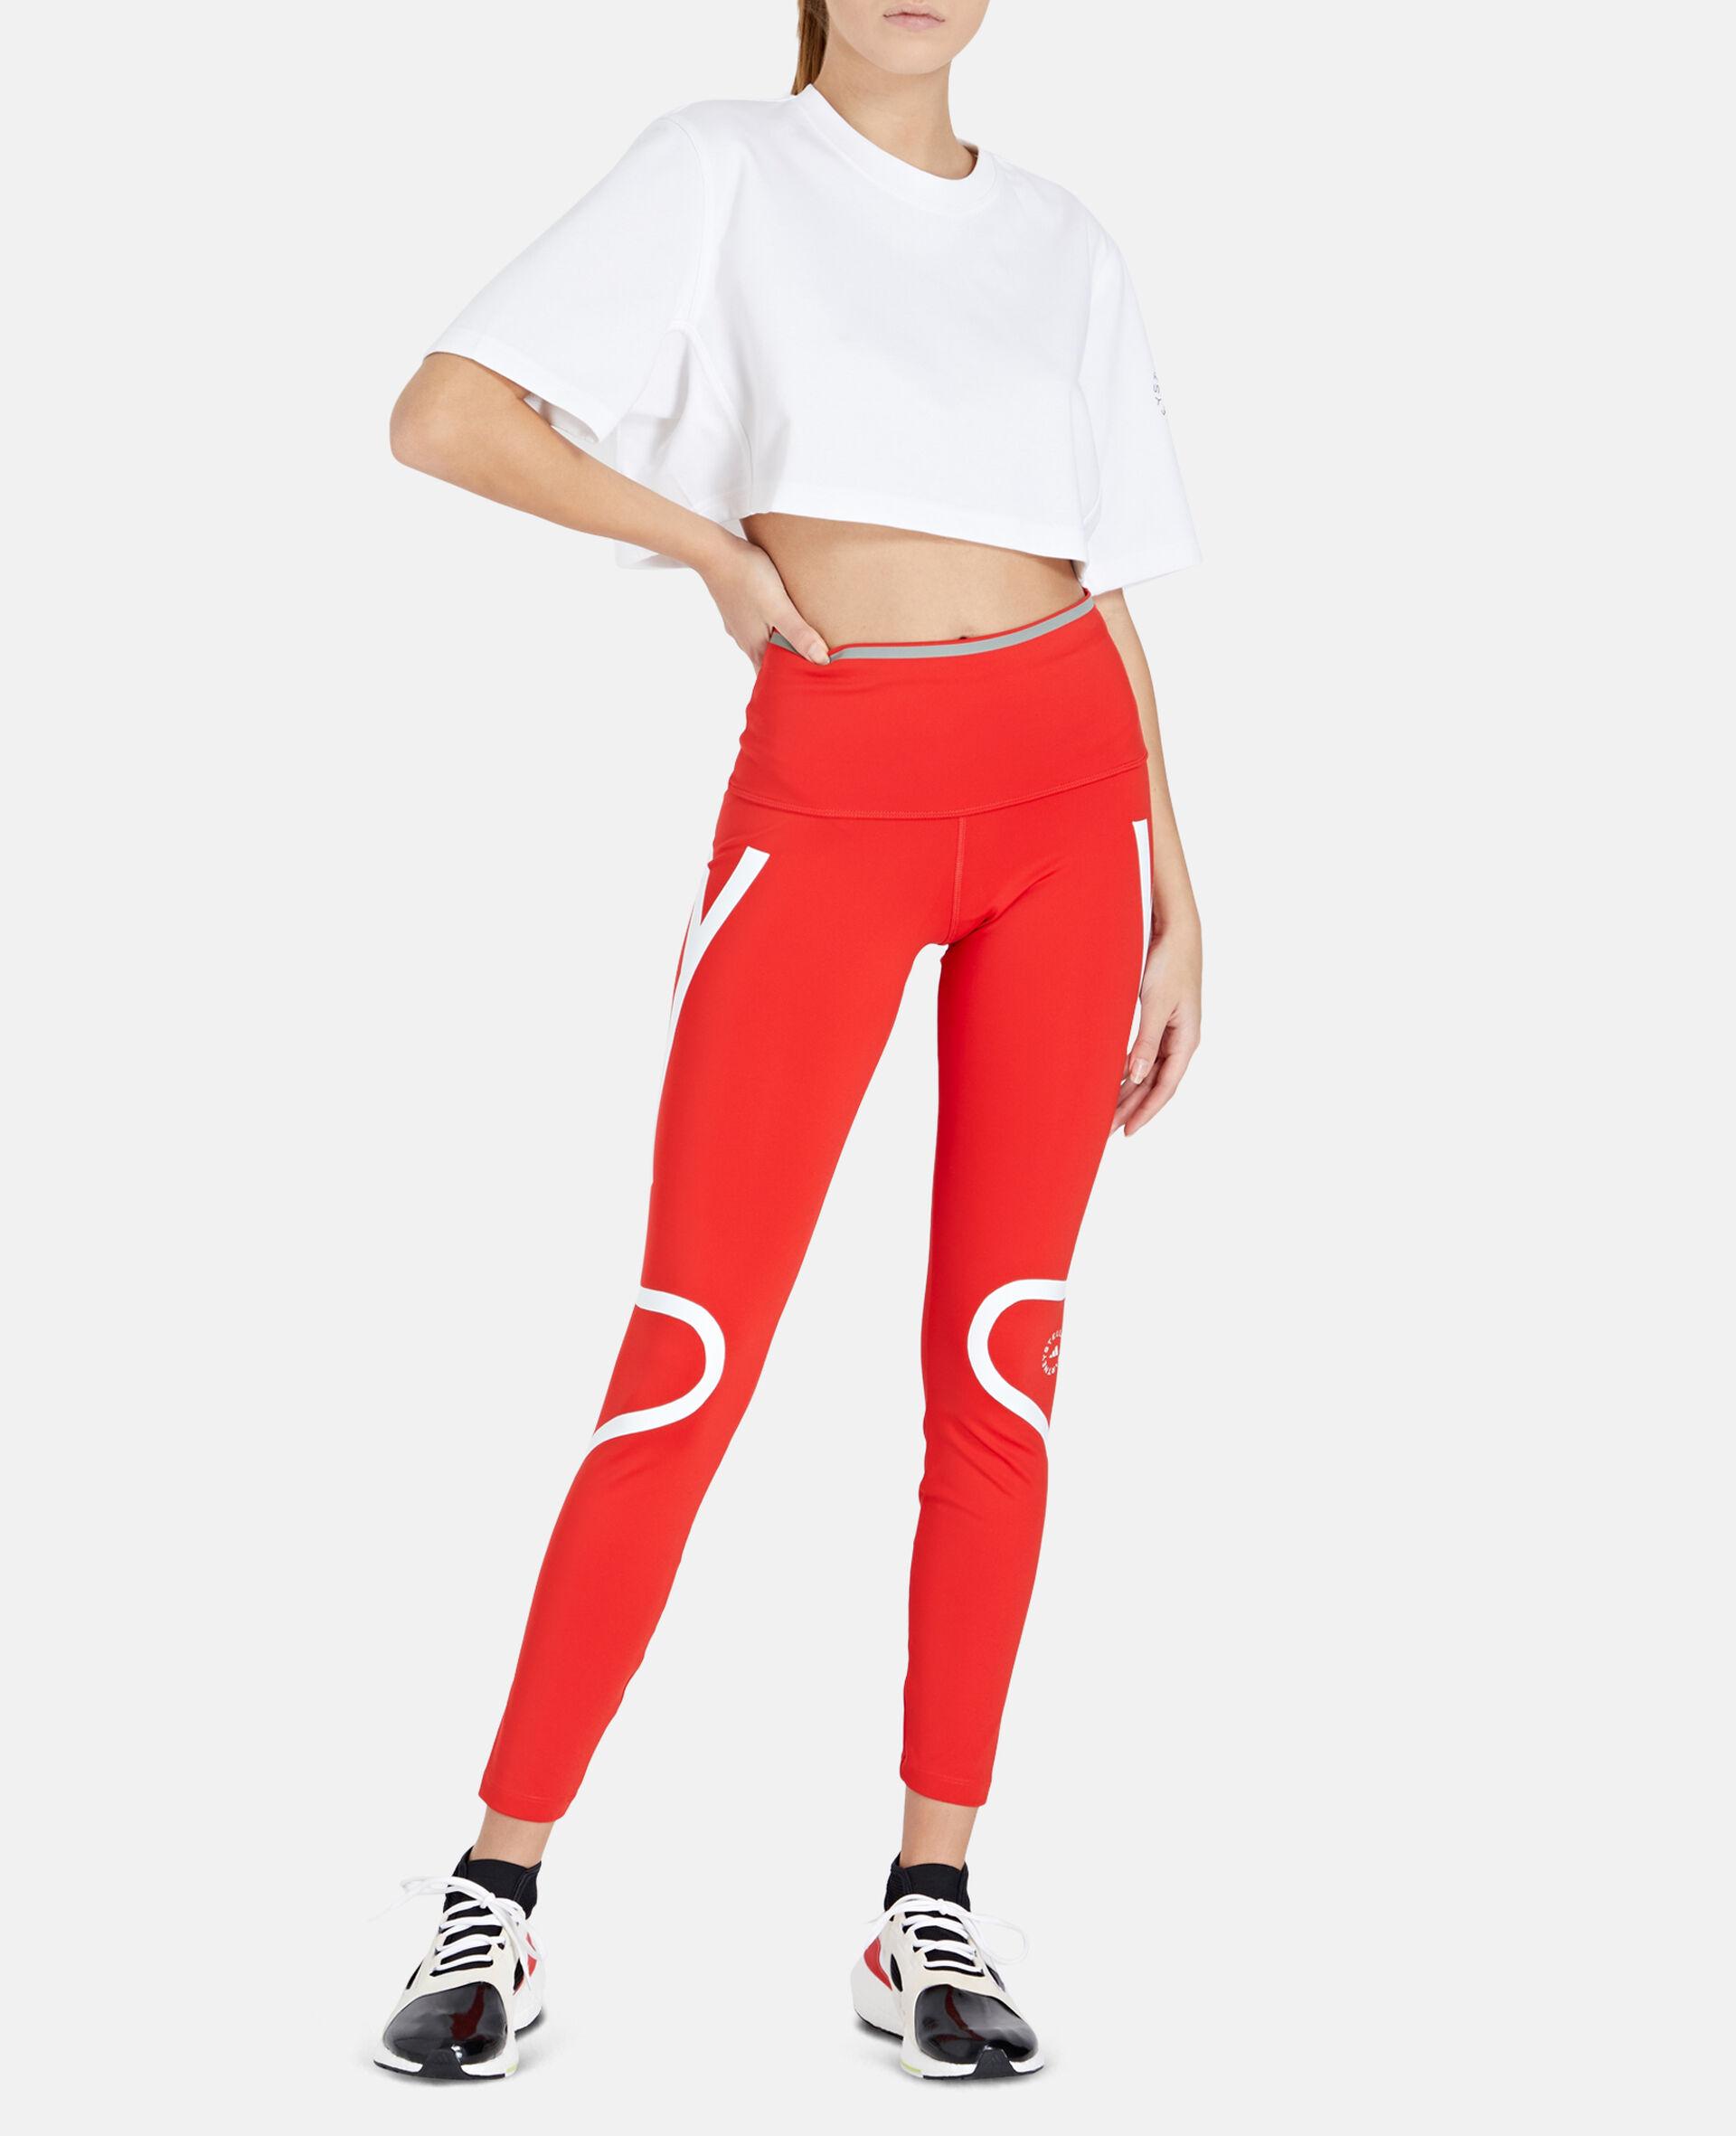 Collant de course TruePace-Rouge-large image number 1